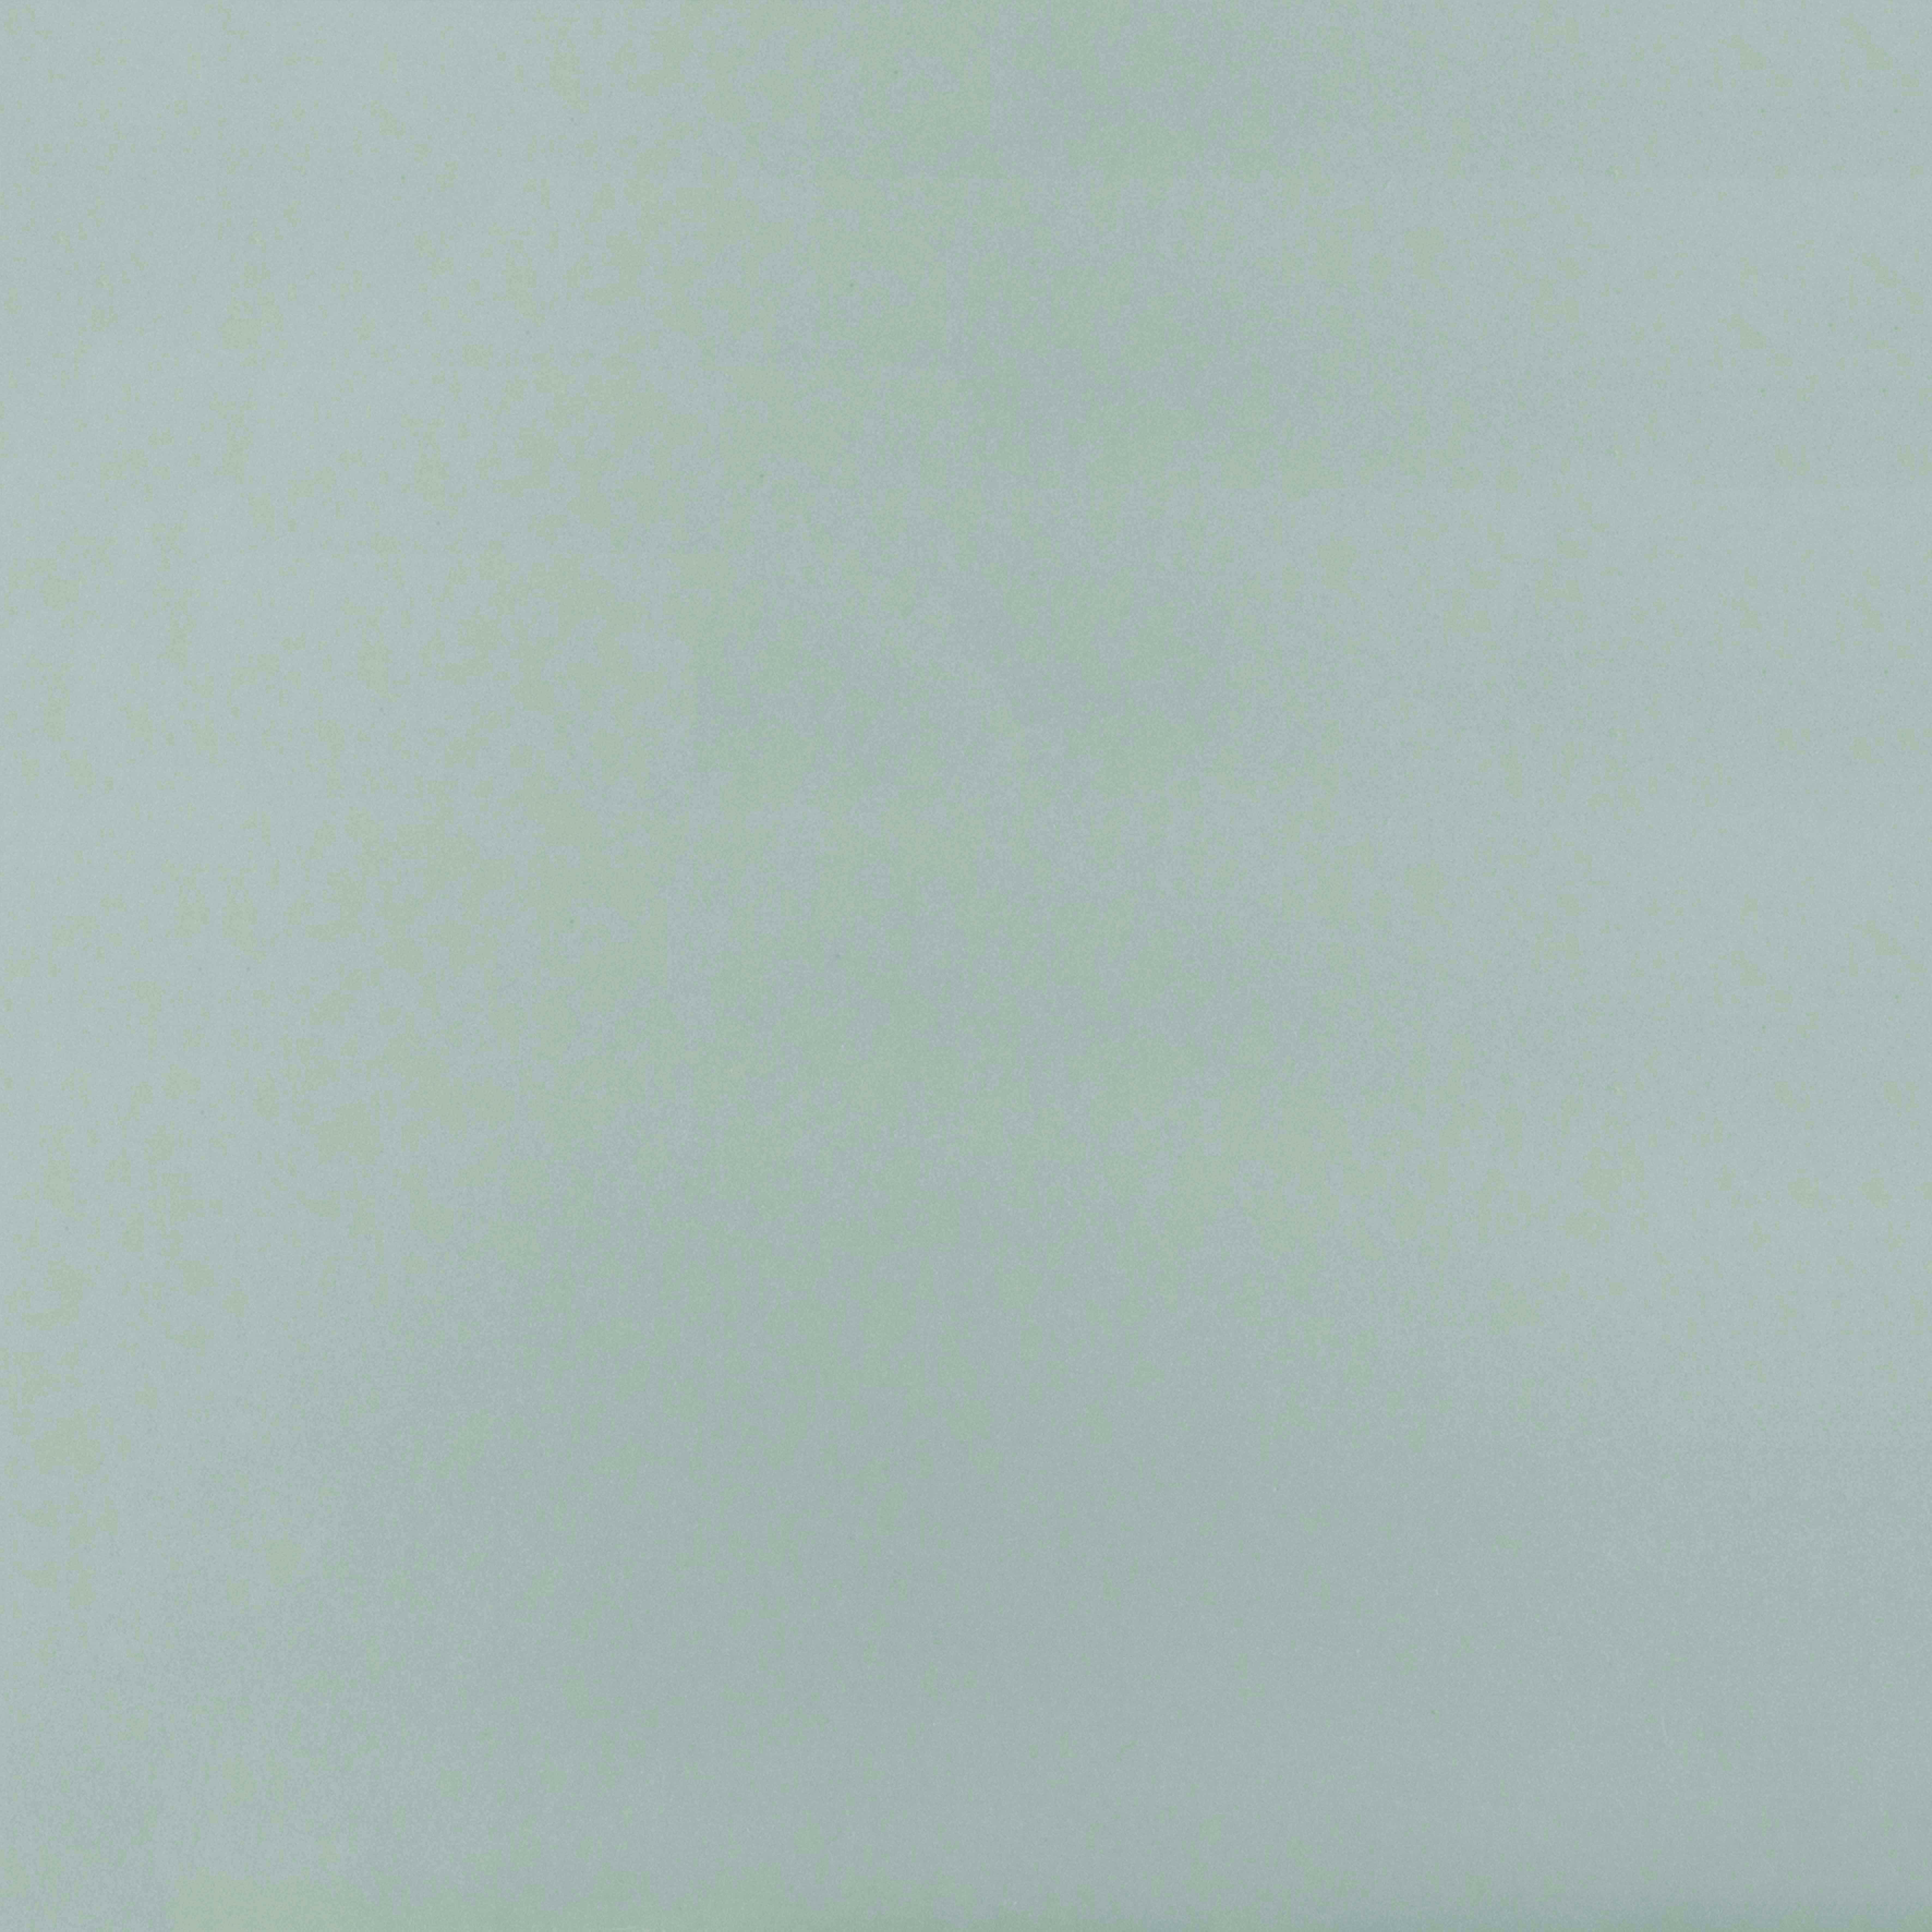 JLR112 Light Grey Glazed Satin Finish 20x20